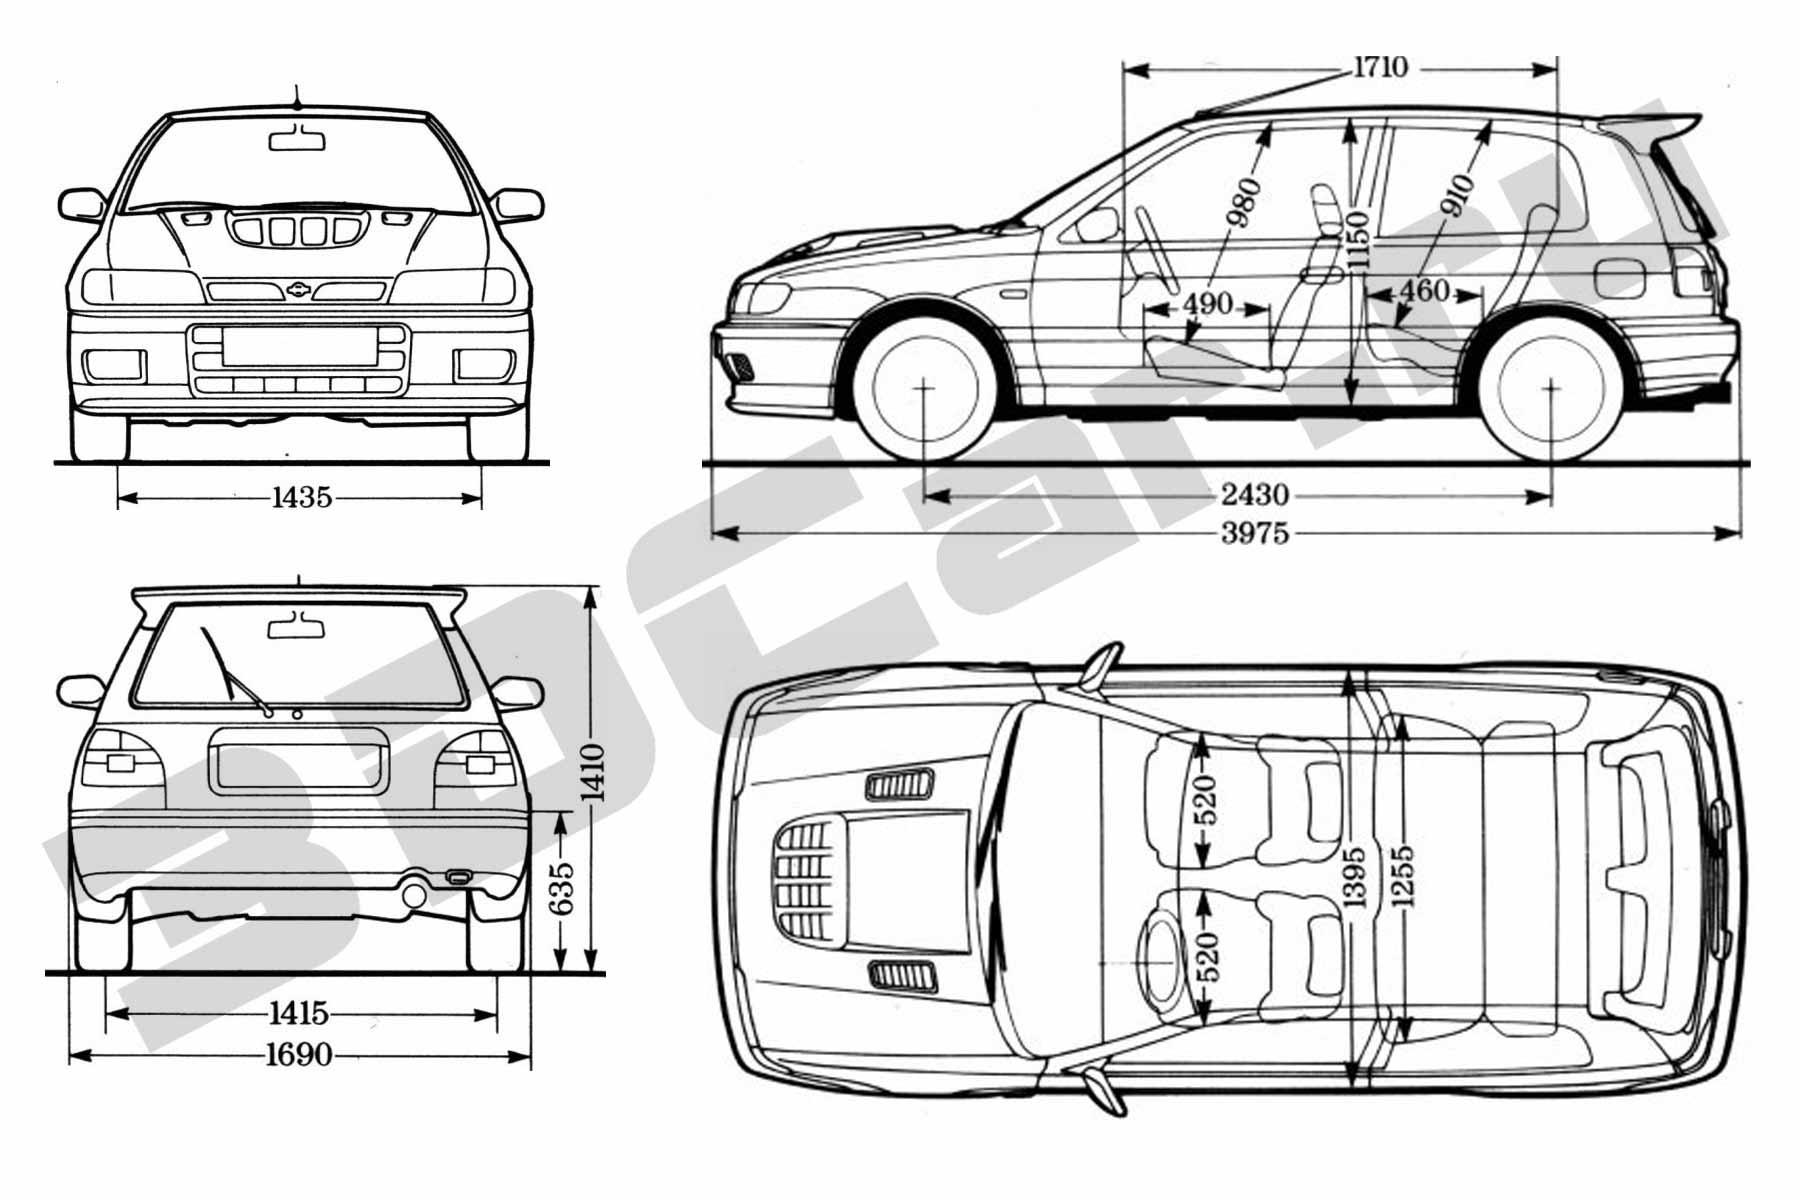 Nissan_Sunny_GTI-R_1991.jpg